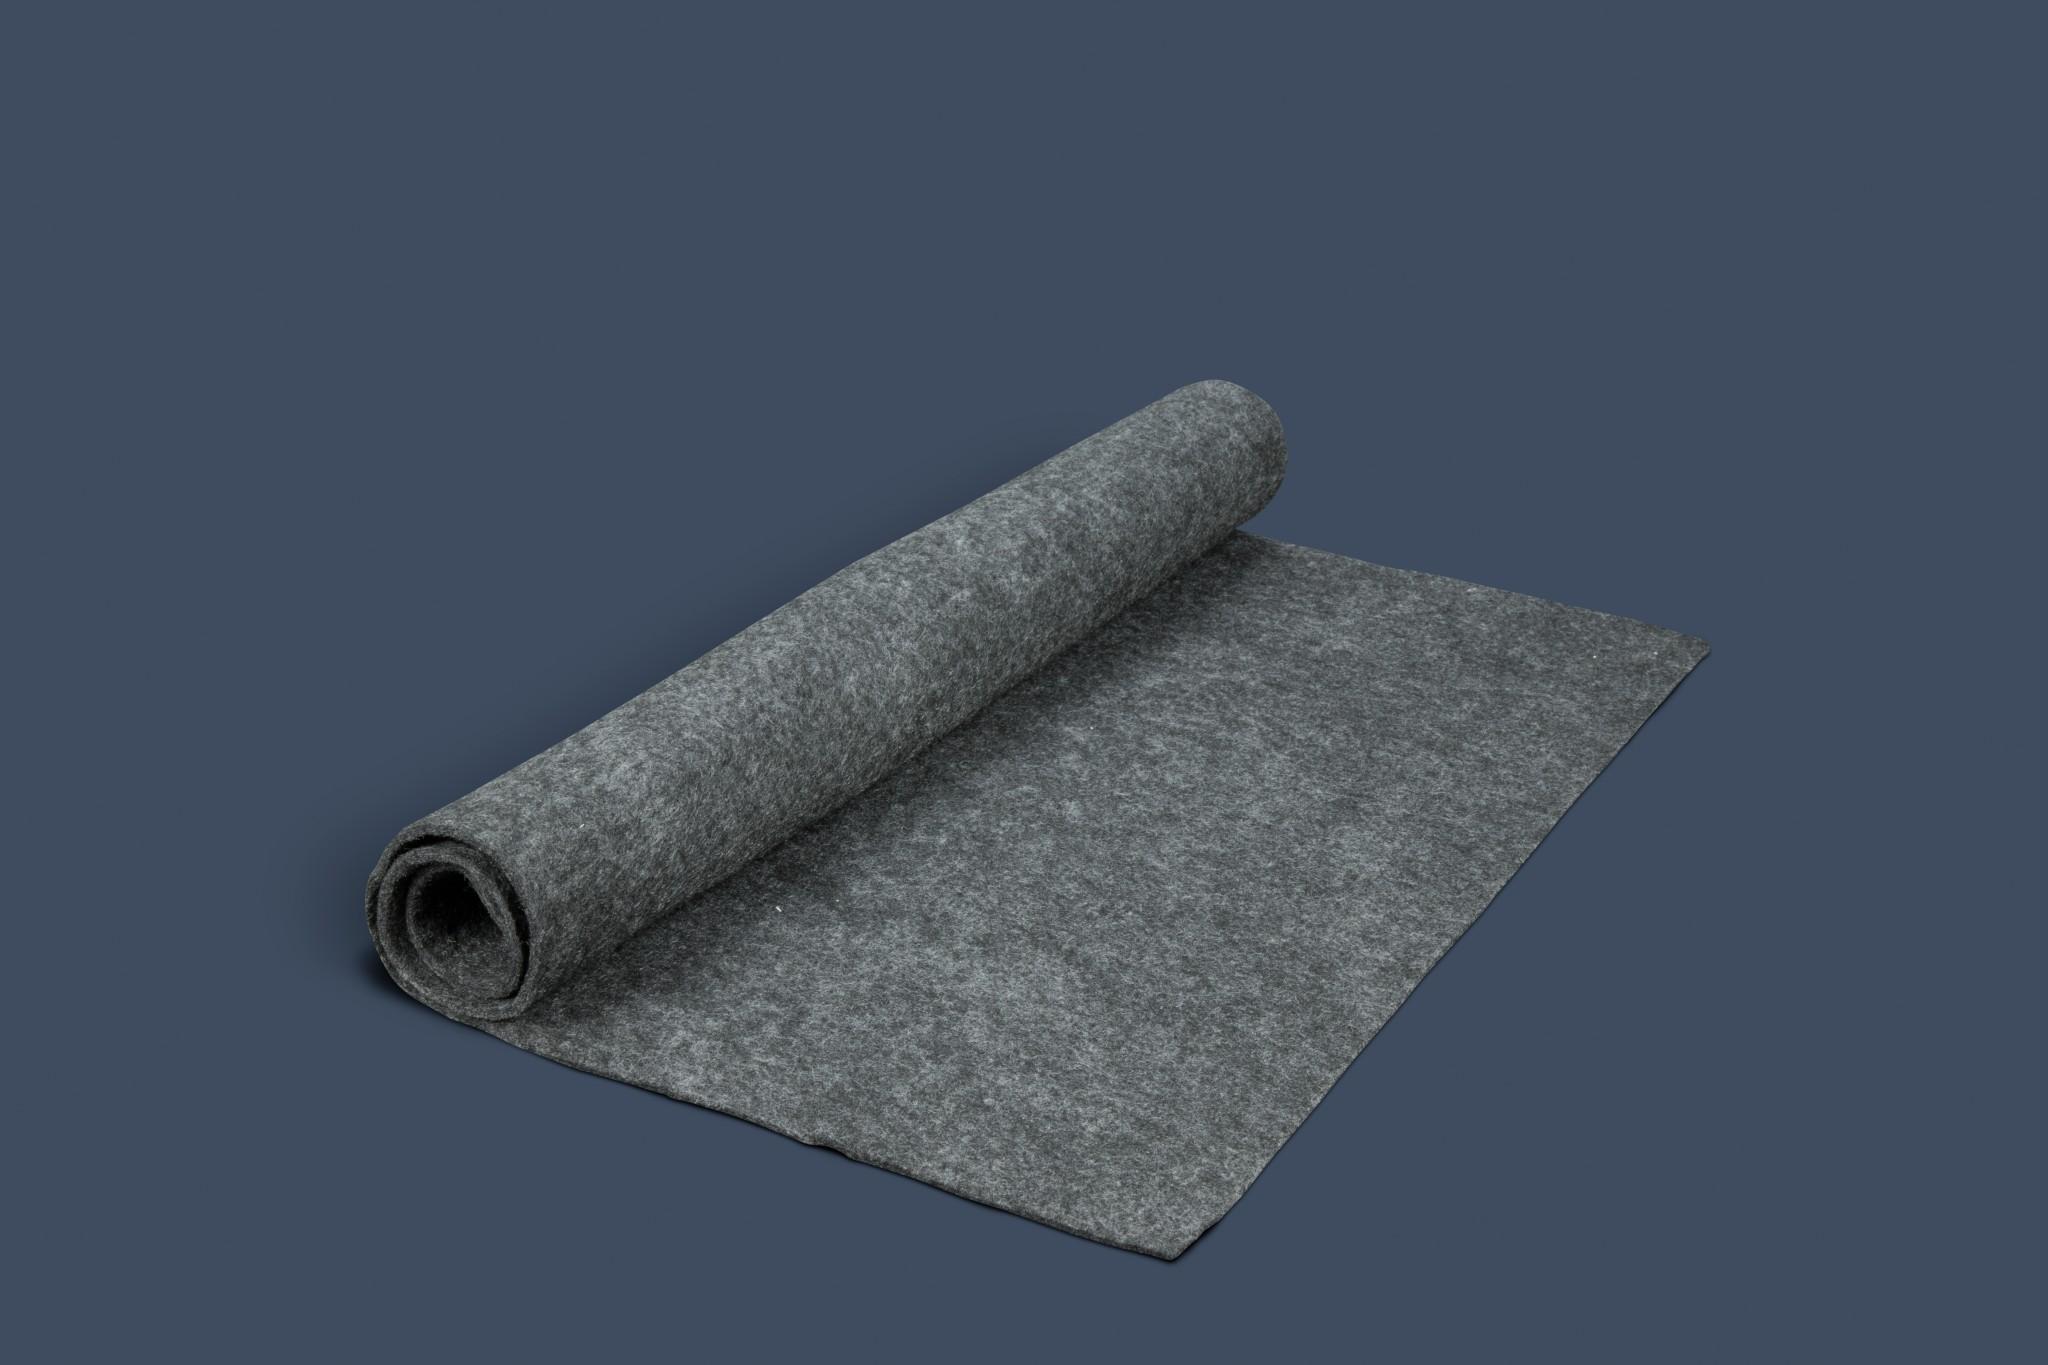 Polytec kunststoffverarbeitung pond fleece polytec for Pond liner material